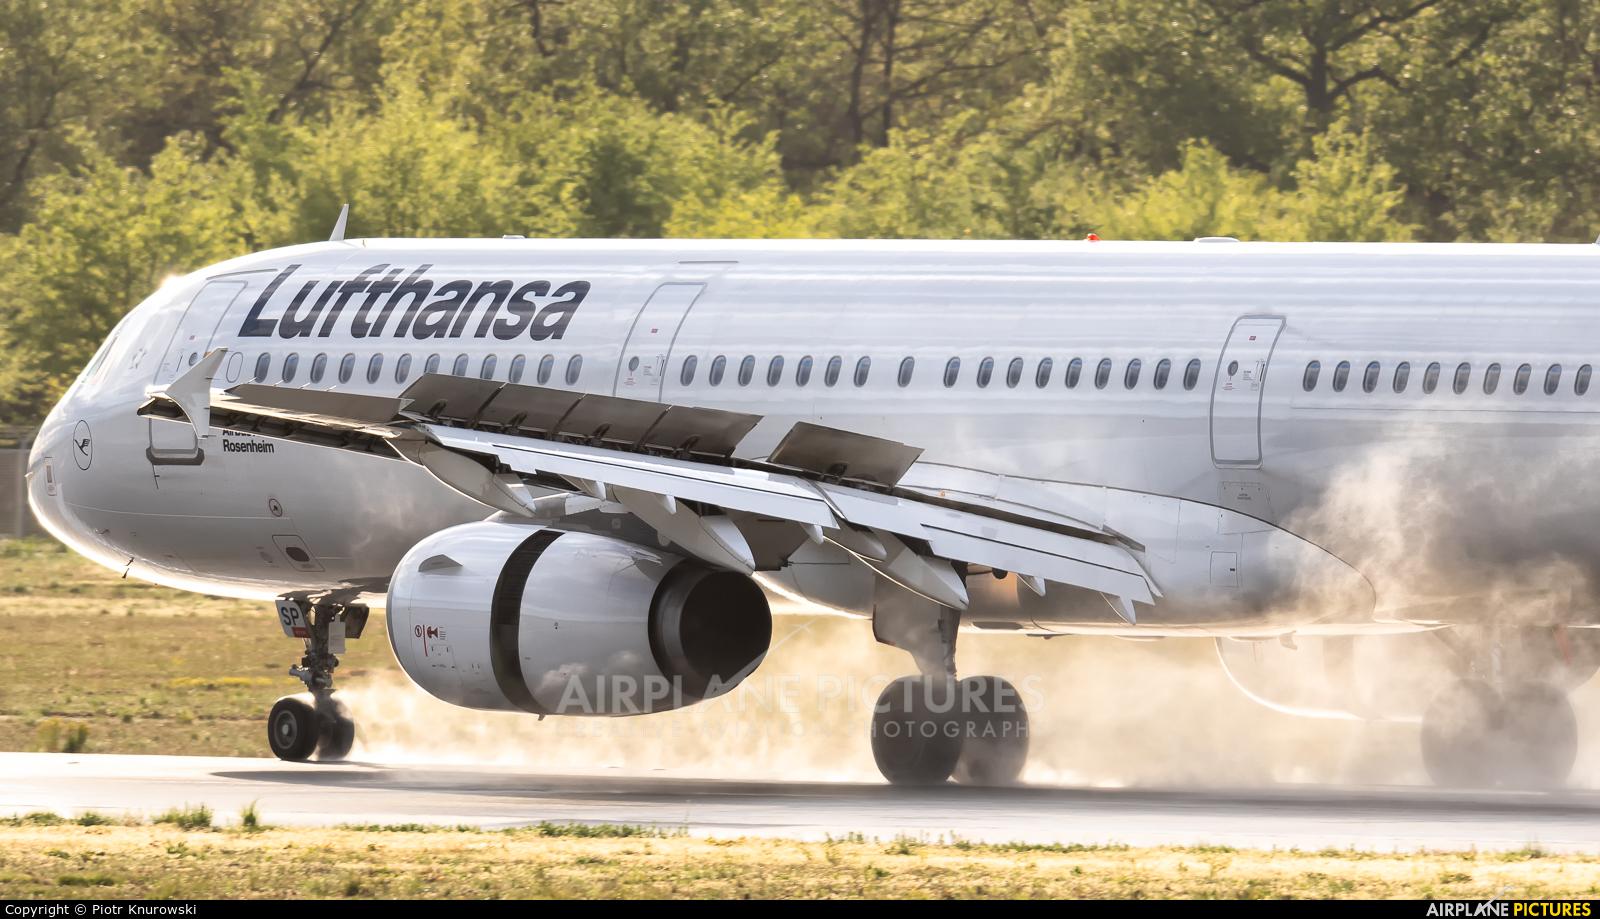 Lufthansa D-AISP aircraft at Frankfurt